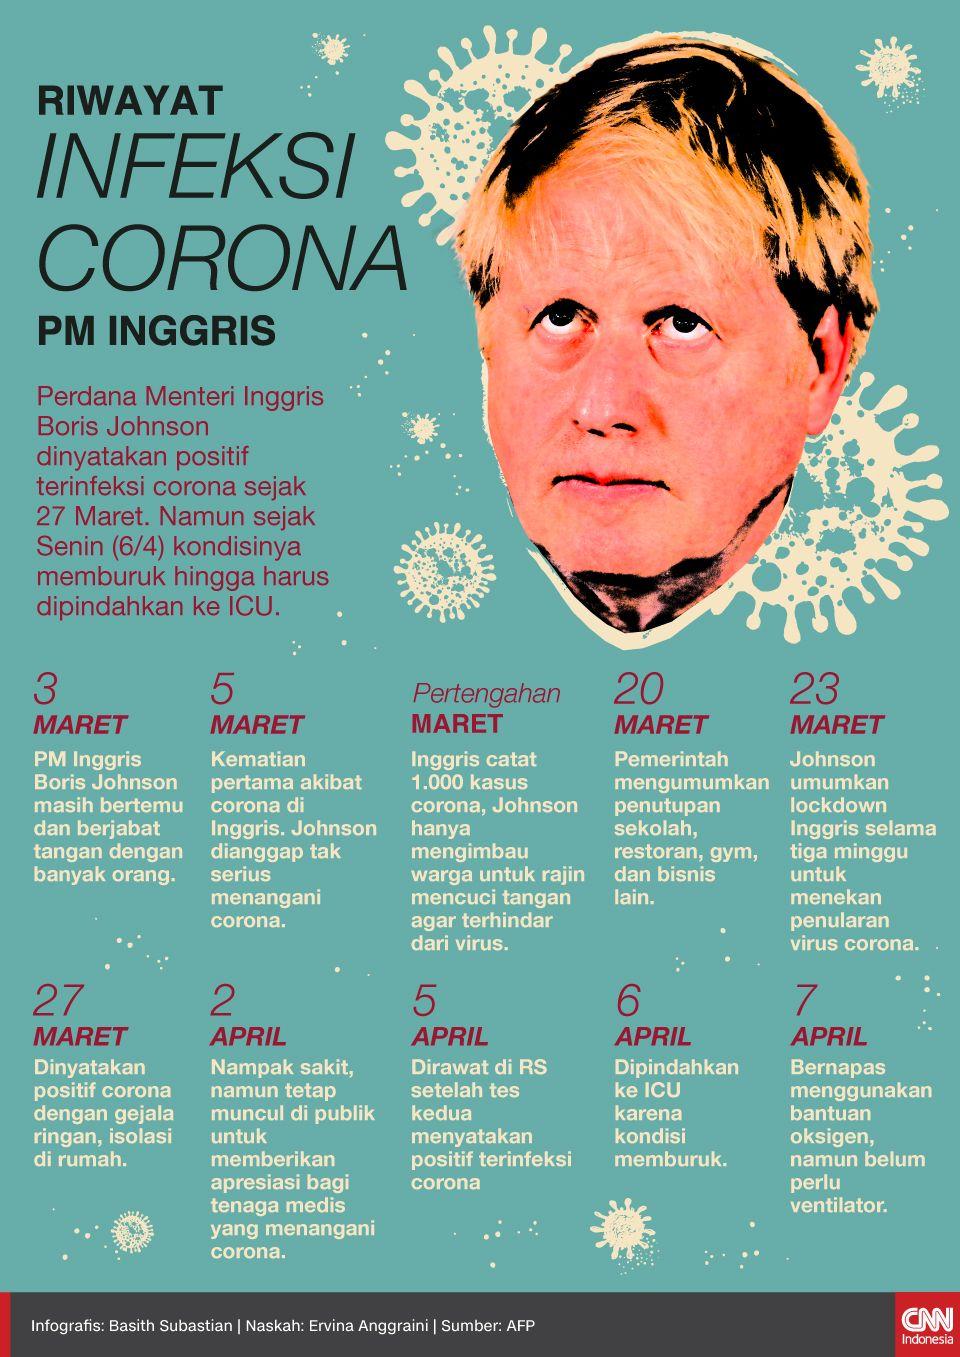 Infografis Riwayat Infeksi Corona PM Inggris